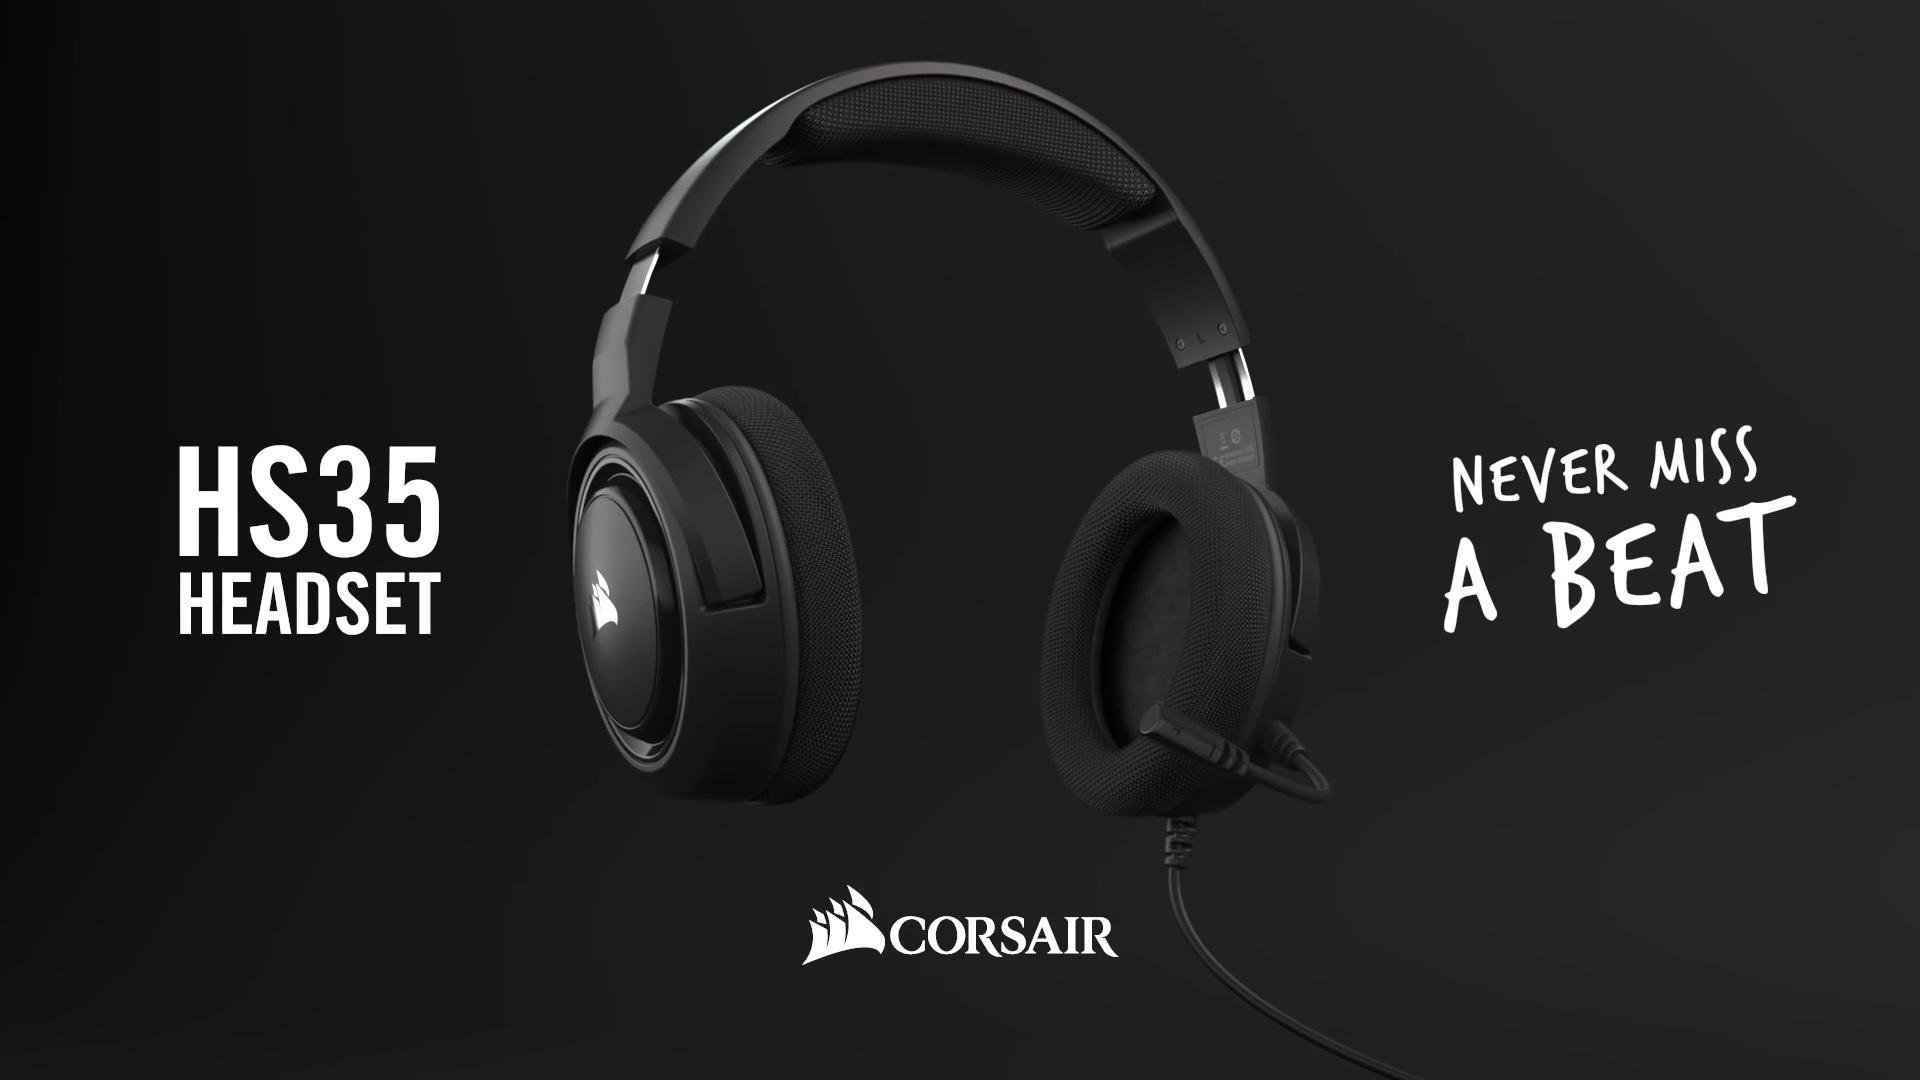 Notre avis sur le casque Corsair HS35